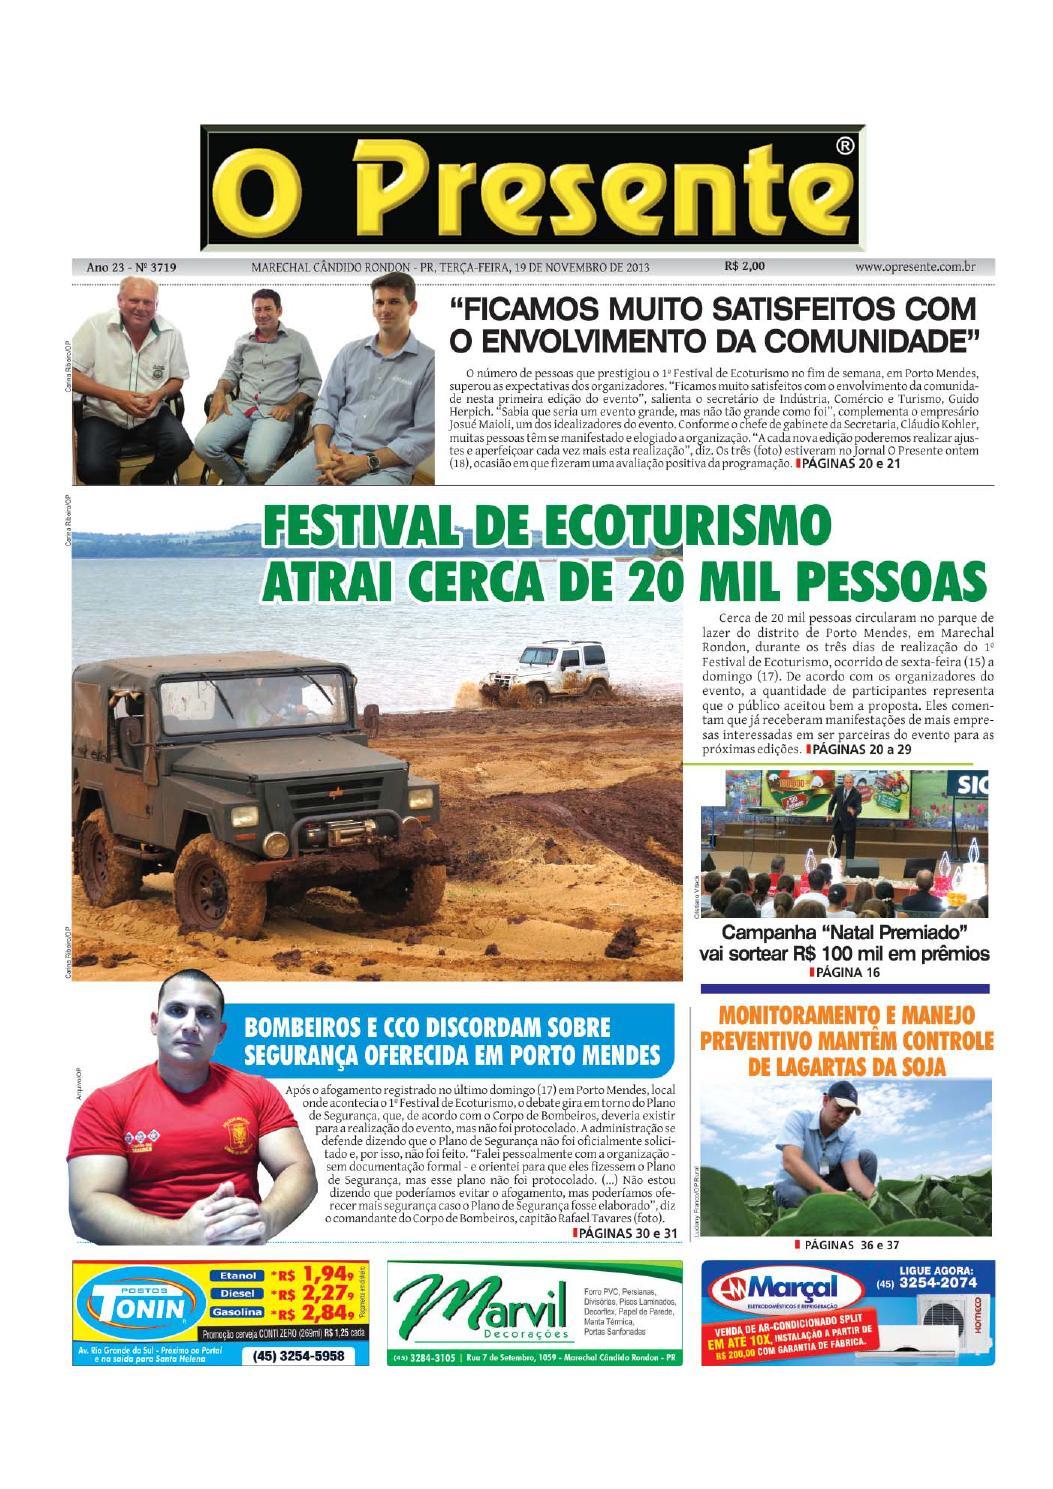 11-20-2013 1.pdf by Orangotoe - issuu 6d7ebc939fa39